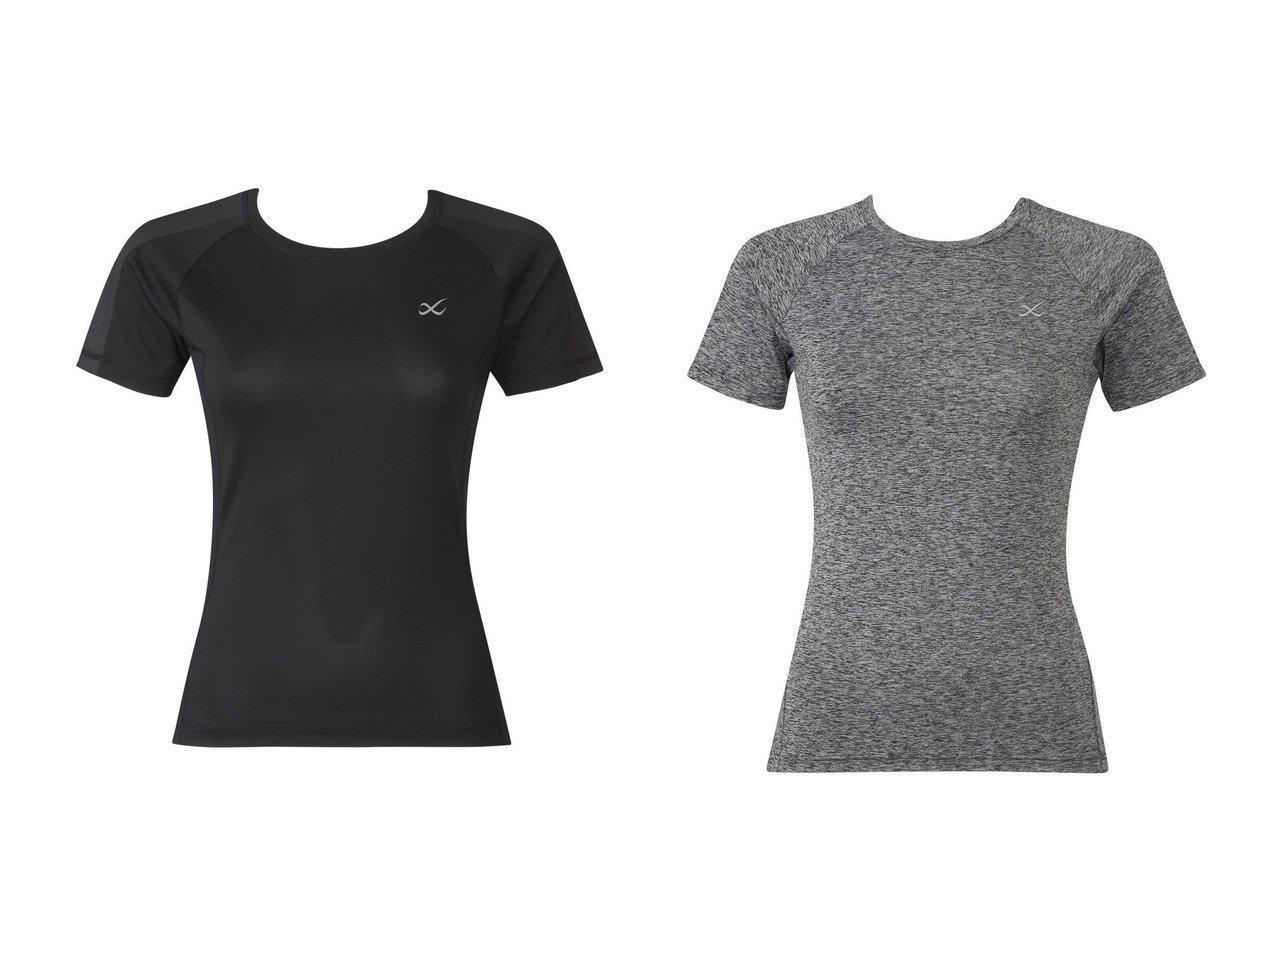 【CW-X/シーダブリューエックス】の【WOMEN】アウター Tシャツ 半袖ワコール&【WOMEN】アウター Tシャツ 半袖ワコール スポーツウェア・ヨガ・運動・ダイエットグッズなどのおすすめ!人気トレンド・ファッション通販 おすすめで人気の流行・トレンド、ファッションの通販商品 インテリア・家具・メンズファッション・キッズファッション・レディースファッション・服の通販 founy(ファニー) https://founy.com/ ファッション Fashion レディースファッション WOMEN アウター Coat Outerwear トップス・カットソー Tops/Tshirt シャツ/ブラウス Shirts/Blouses ロング / Tシャツ T-Shirts 送料無料 Free Shipping おすすめ Recommend プリント 半袖 抗菌  ID:crp329100000041120